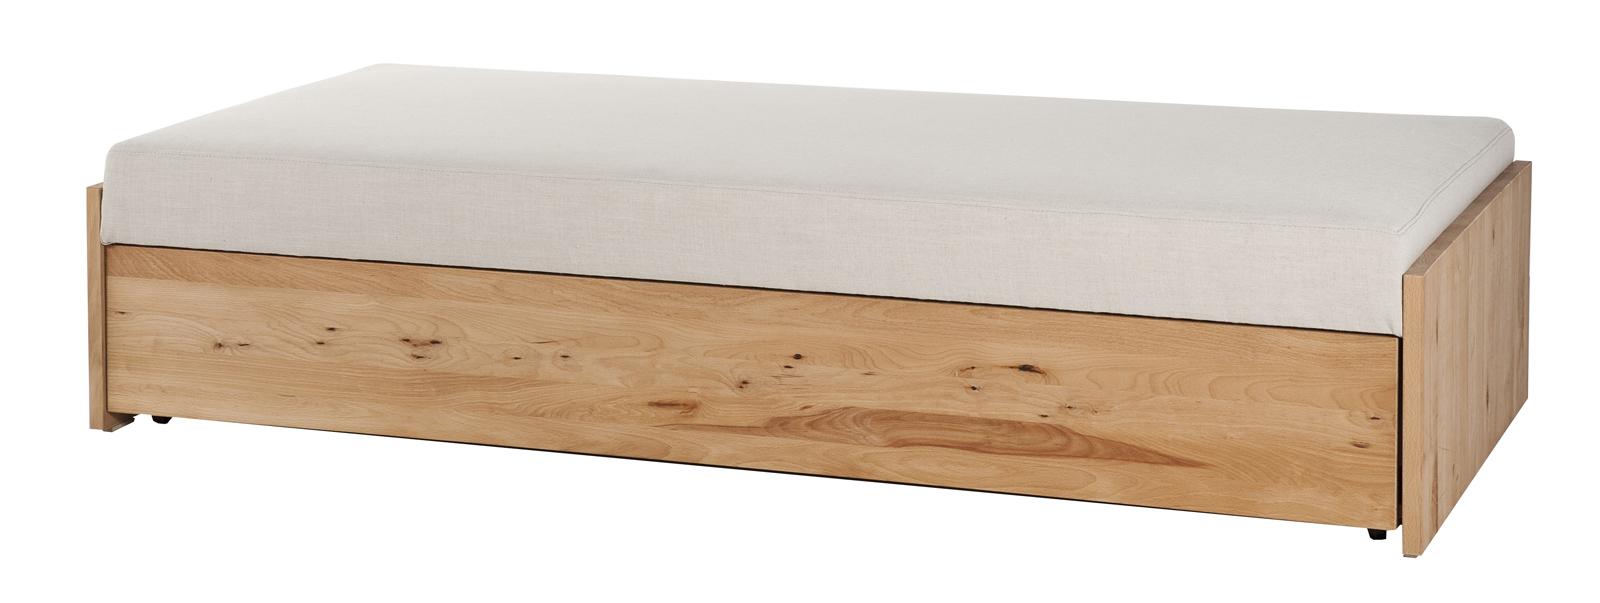 Jednolůžková postel 80 cm - BRW - Malte (masiv) (s roštem a matrací)